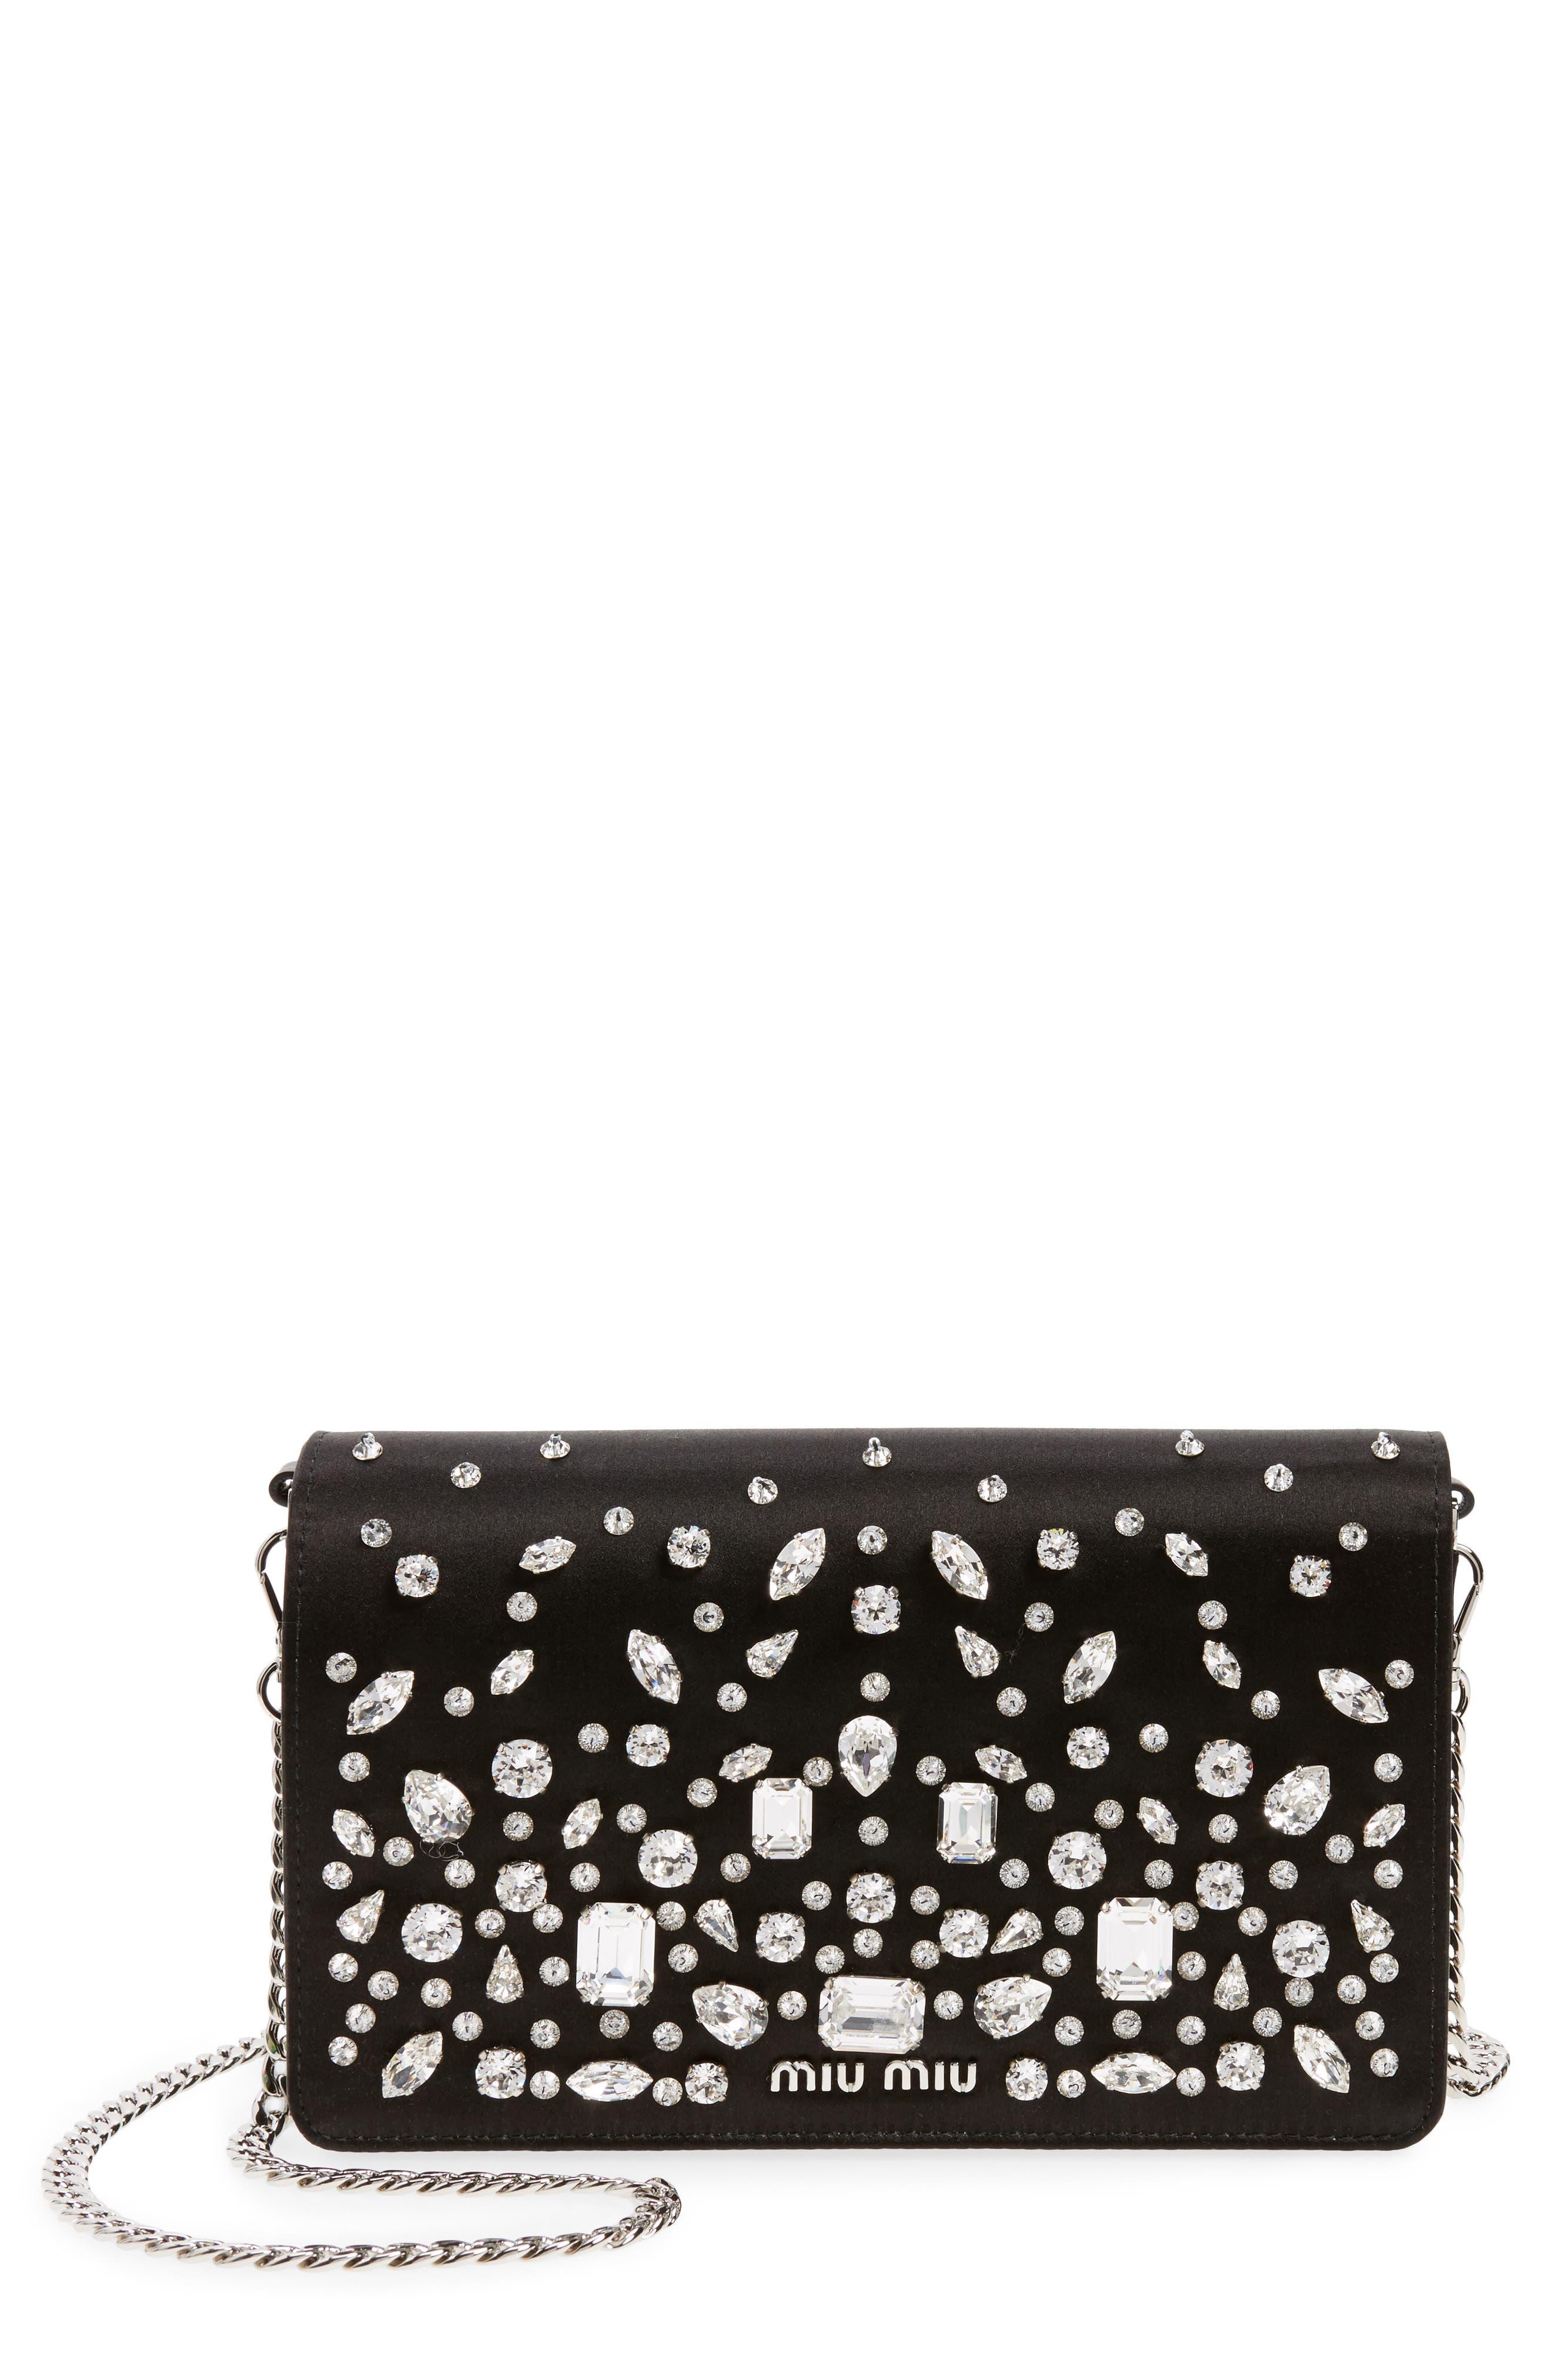 Swarovski Crystal Embellished Shoulder Bag,                             Main thumbnail 1, color,                             001